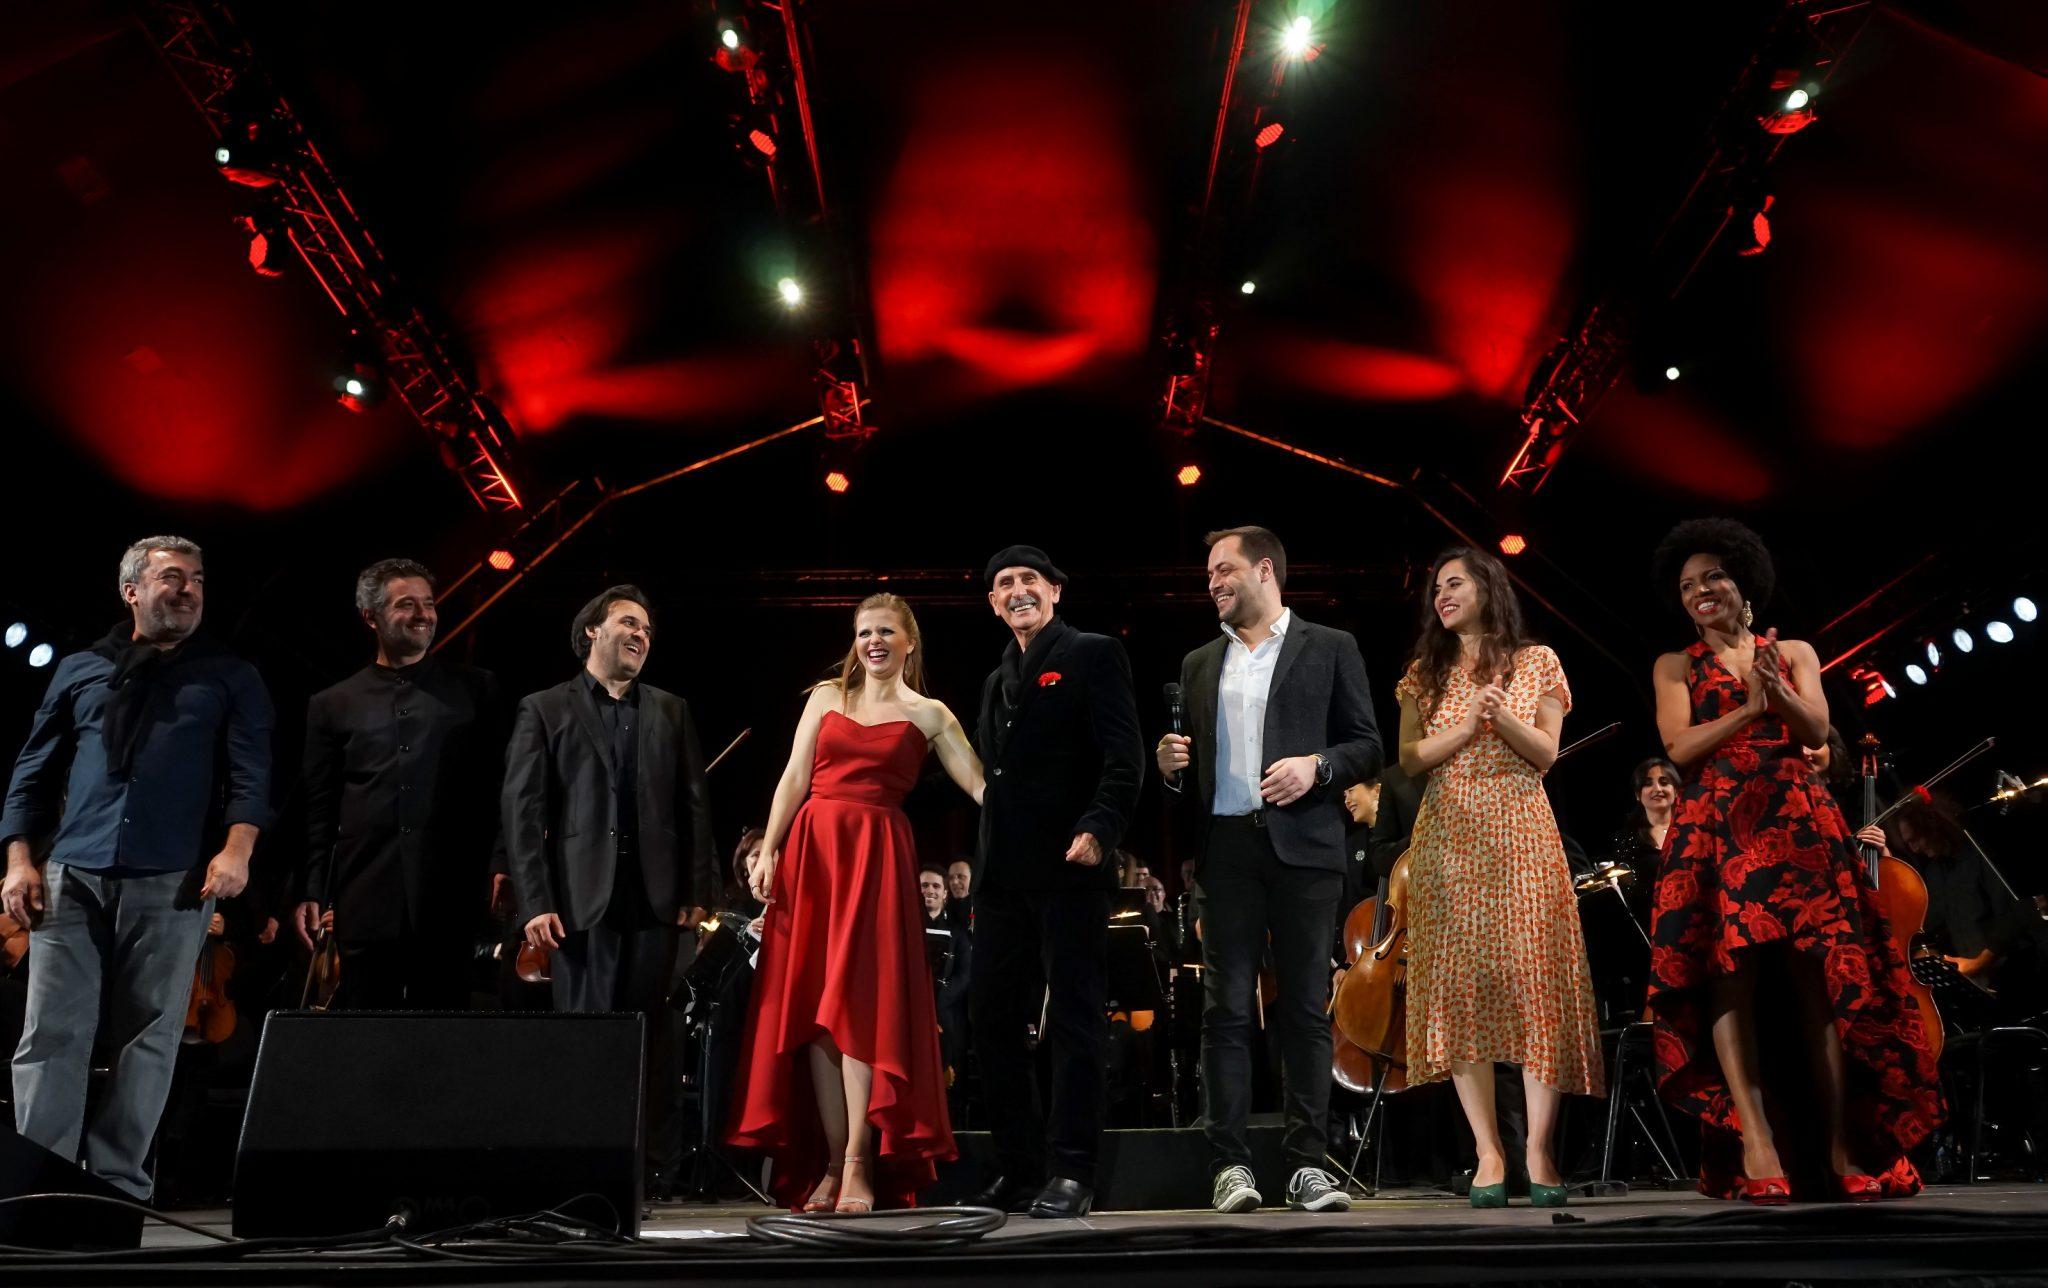 Em tons de preto e vermelho, a imagem de 8 músicos sorridentes, alguns batendo palmas, em palco.